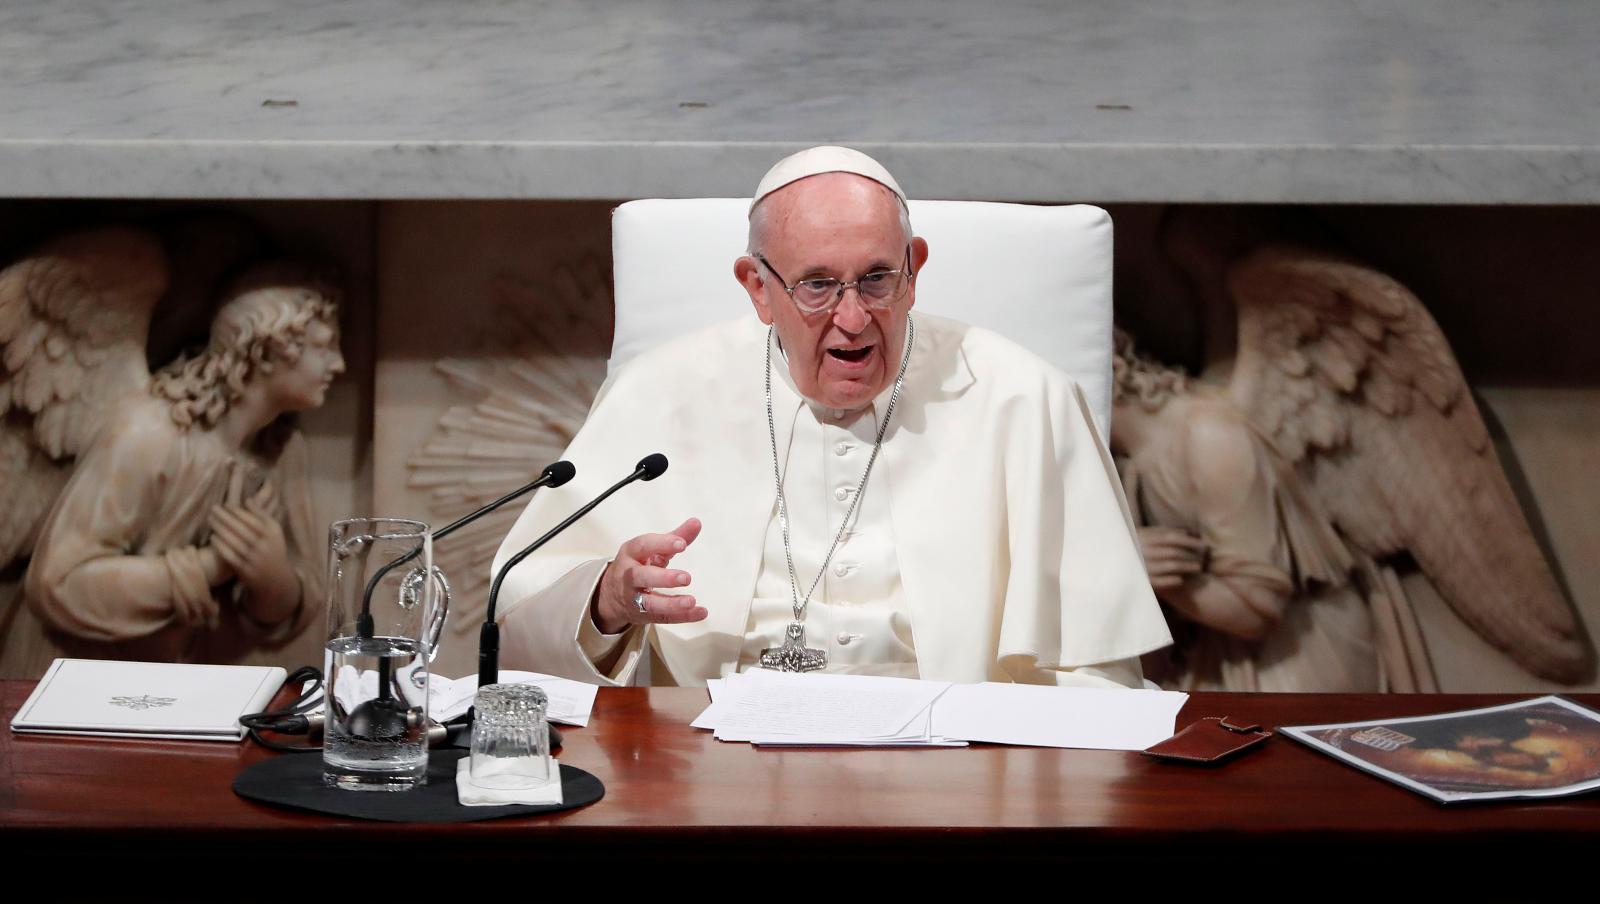 صورة البابا يدين الانتهاكات الجنسية ضد الأطفال في الكنيسة والفساد داخلها